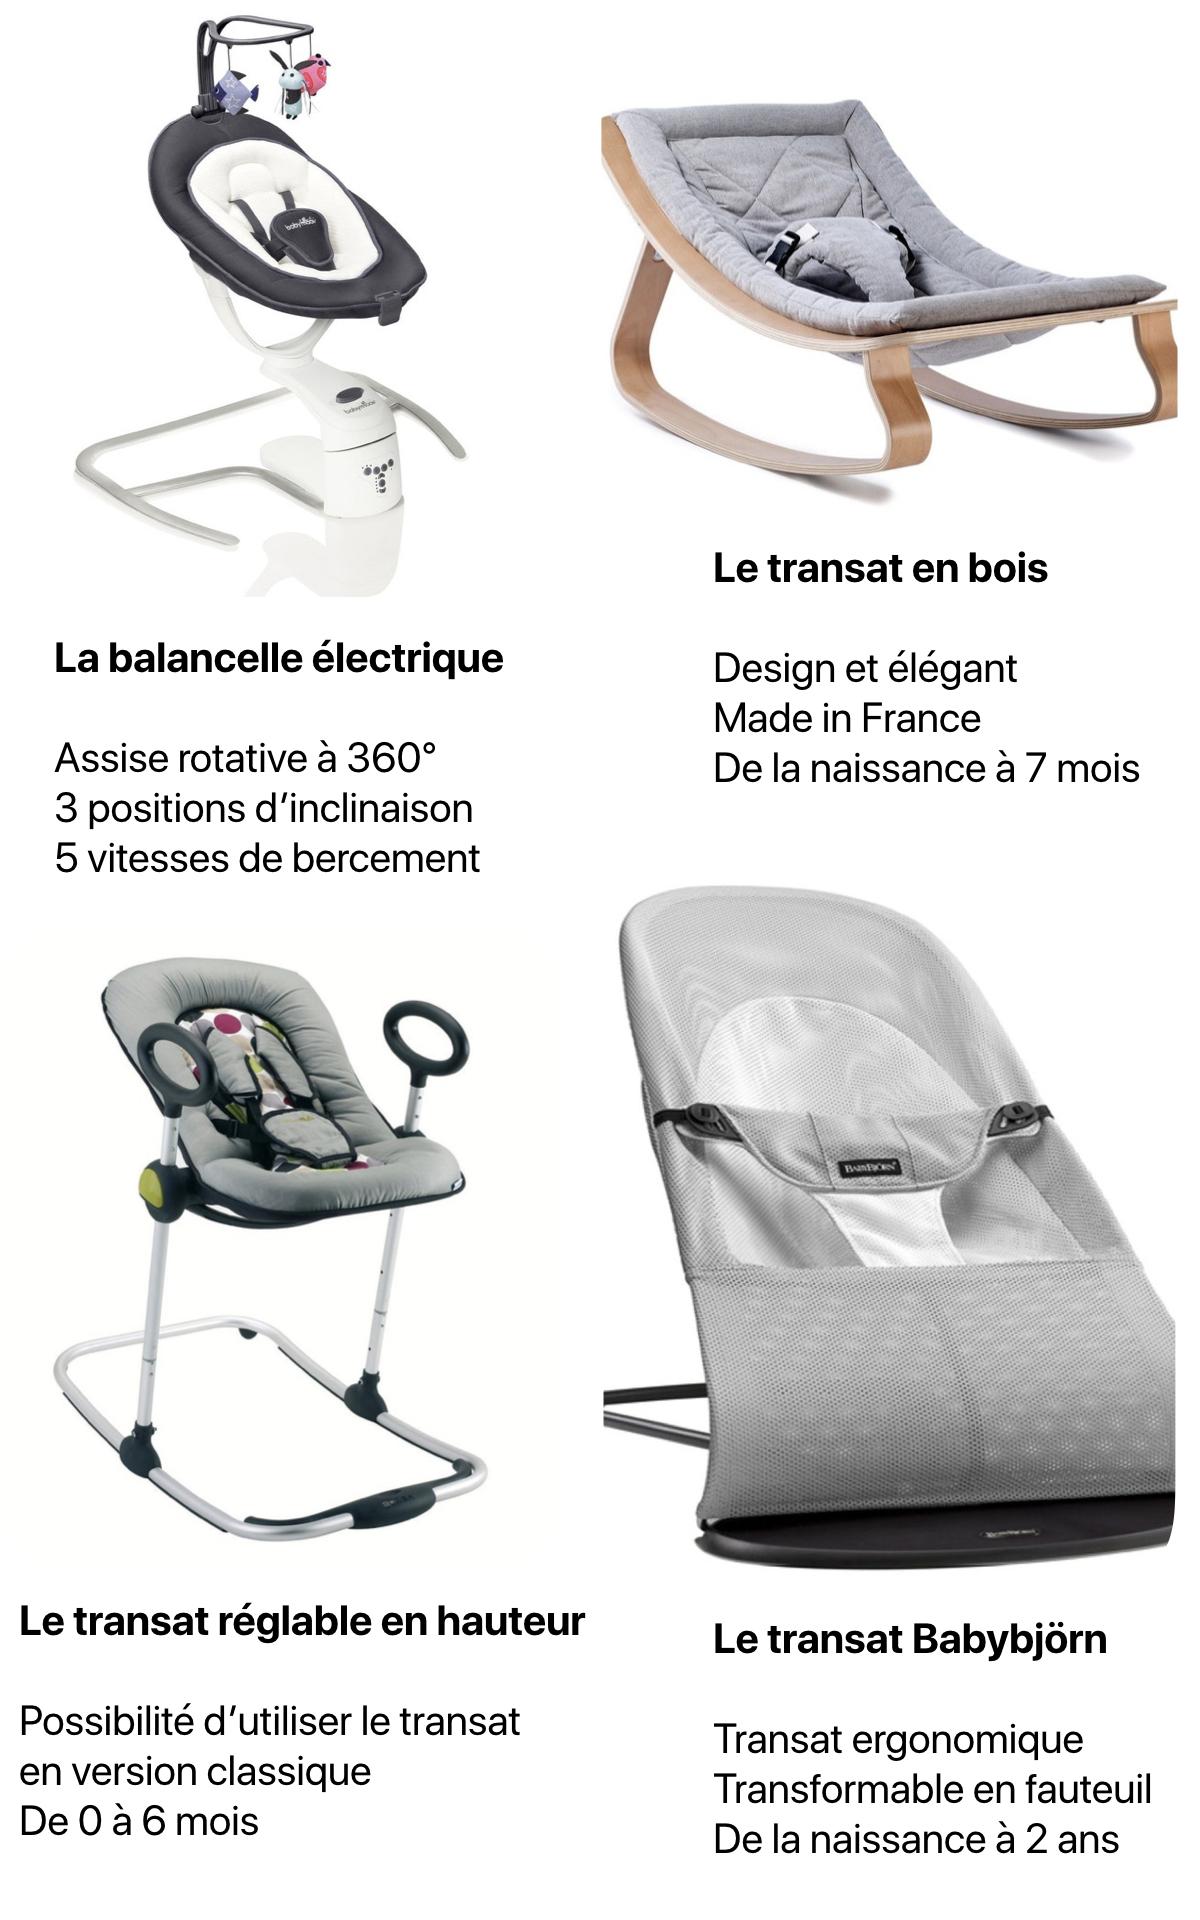 choisir transat préparer l'arrivée de bébé naissance équipement test comparatif